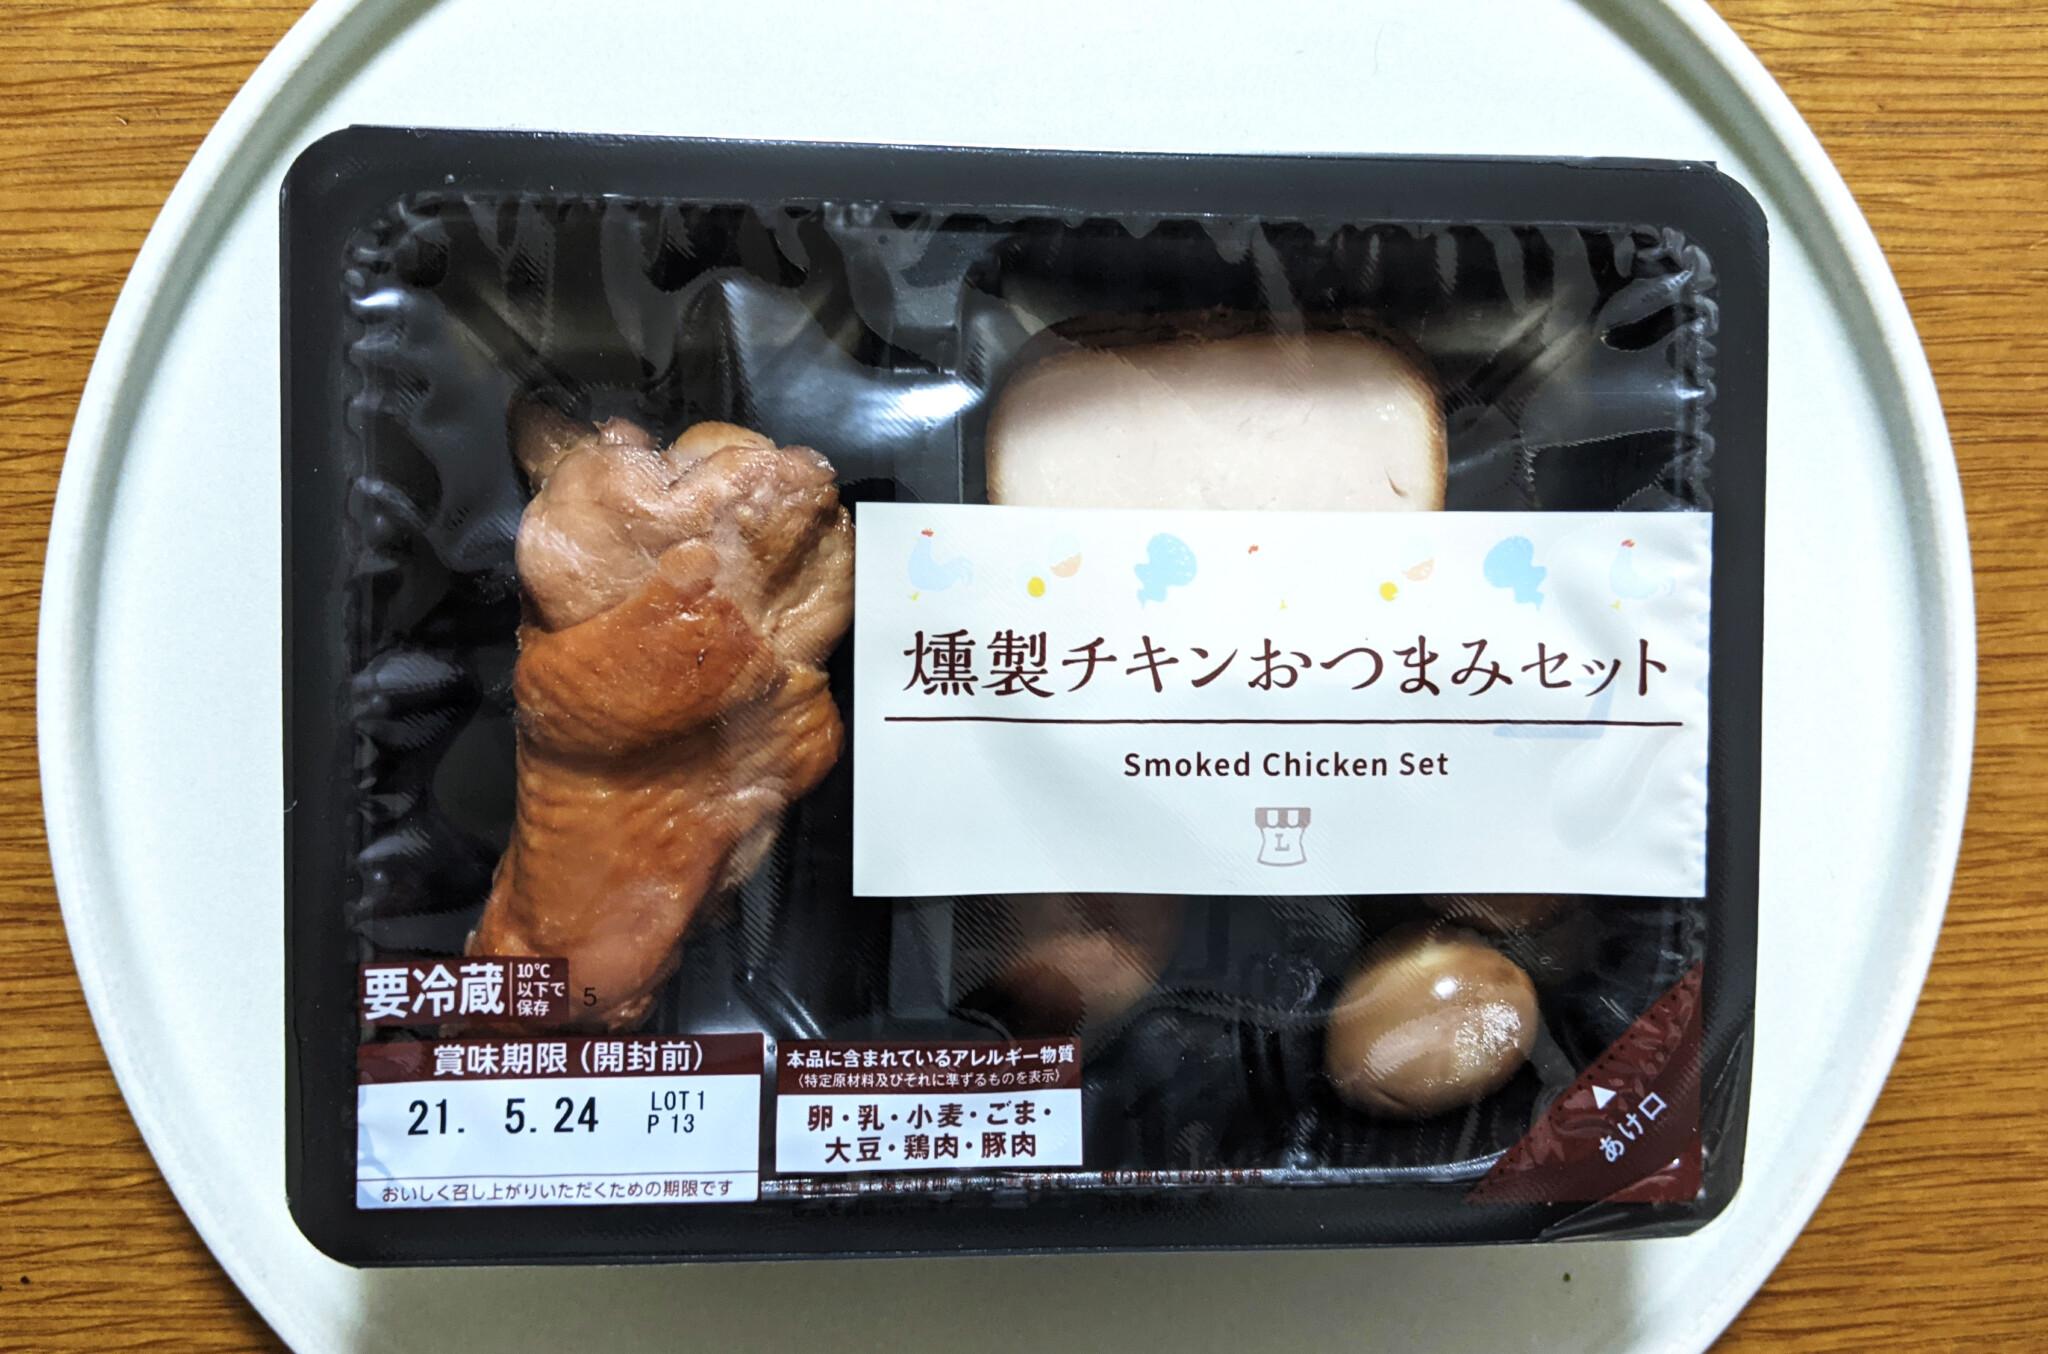 コンビニおつまみ セブンイレブン ローソン ファミリーマート 燻製チキンおつまみセット